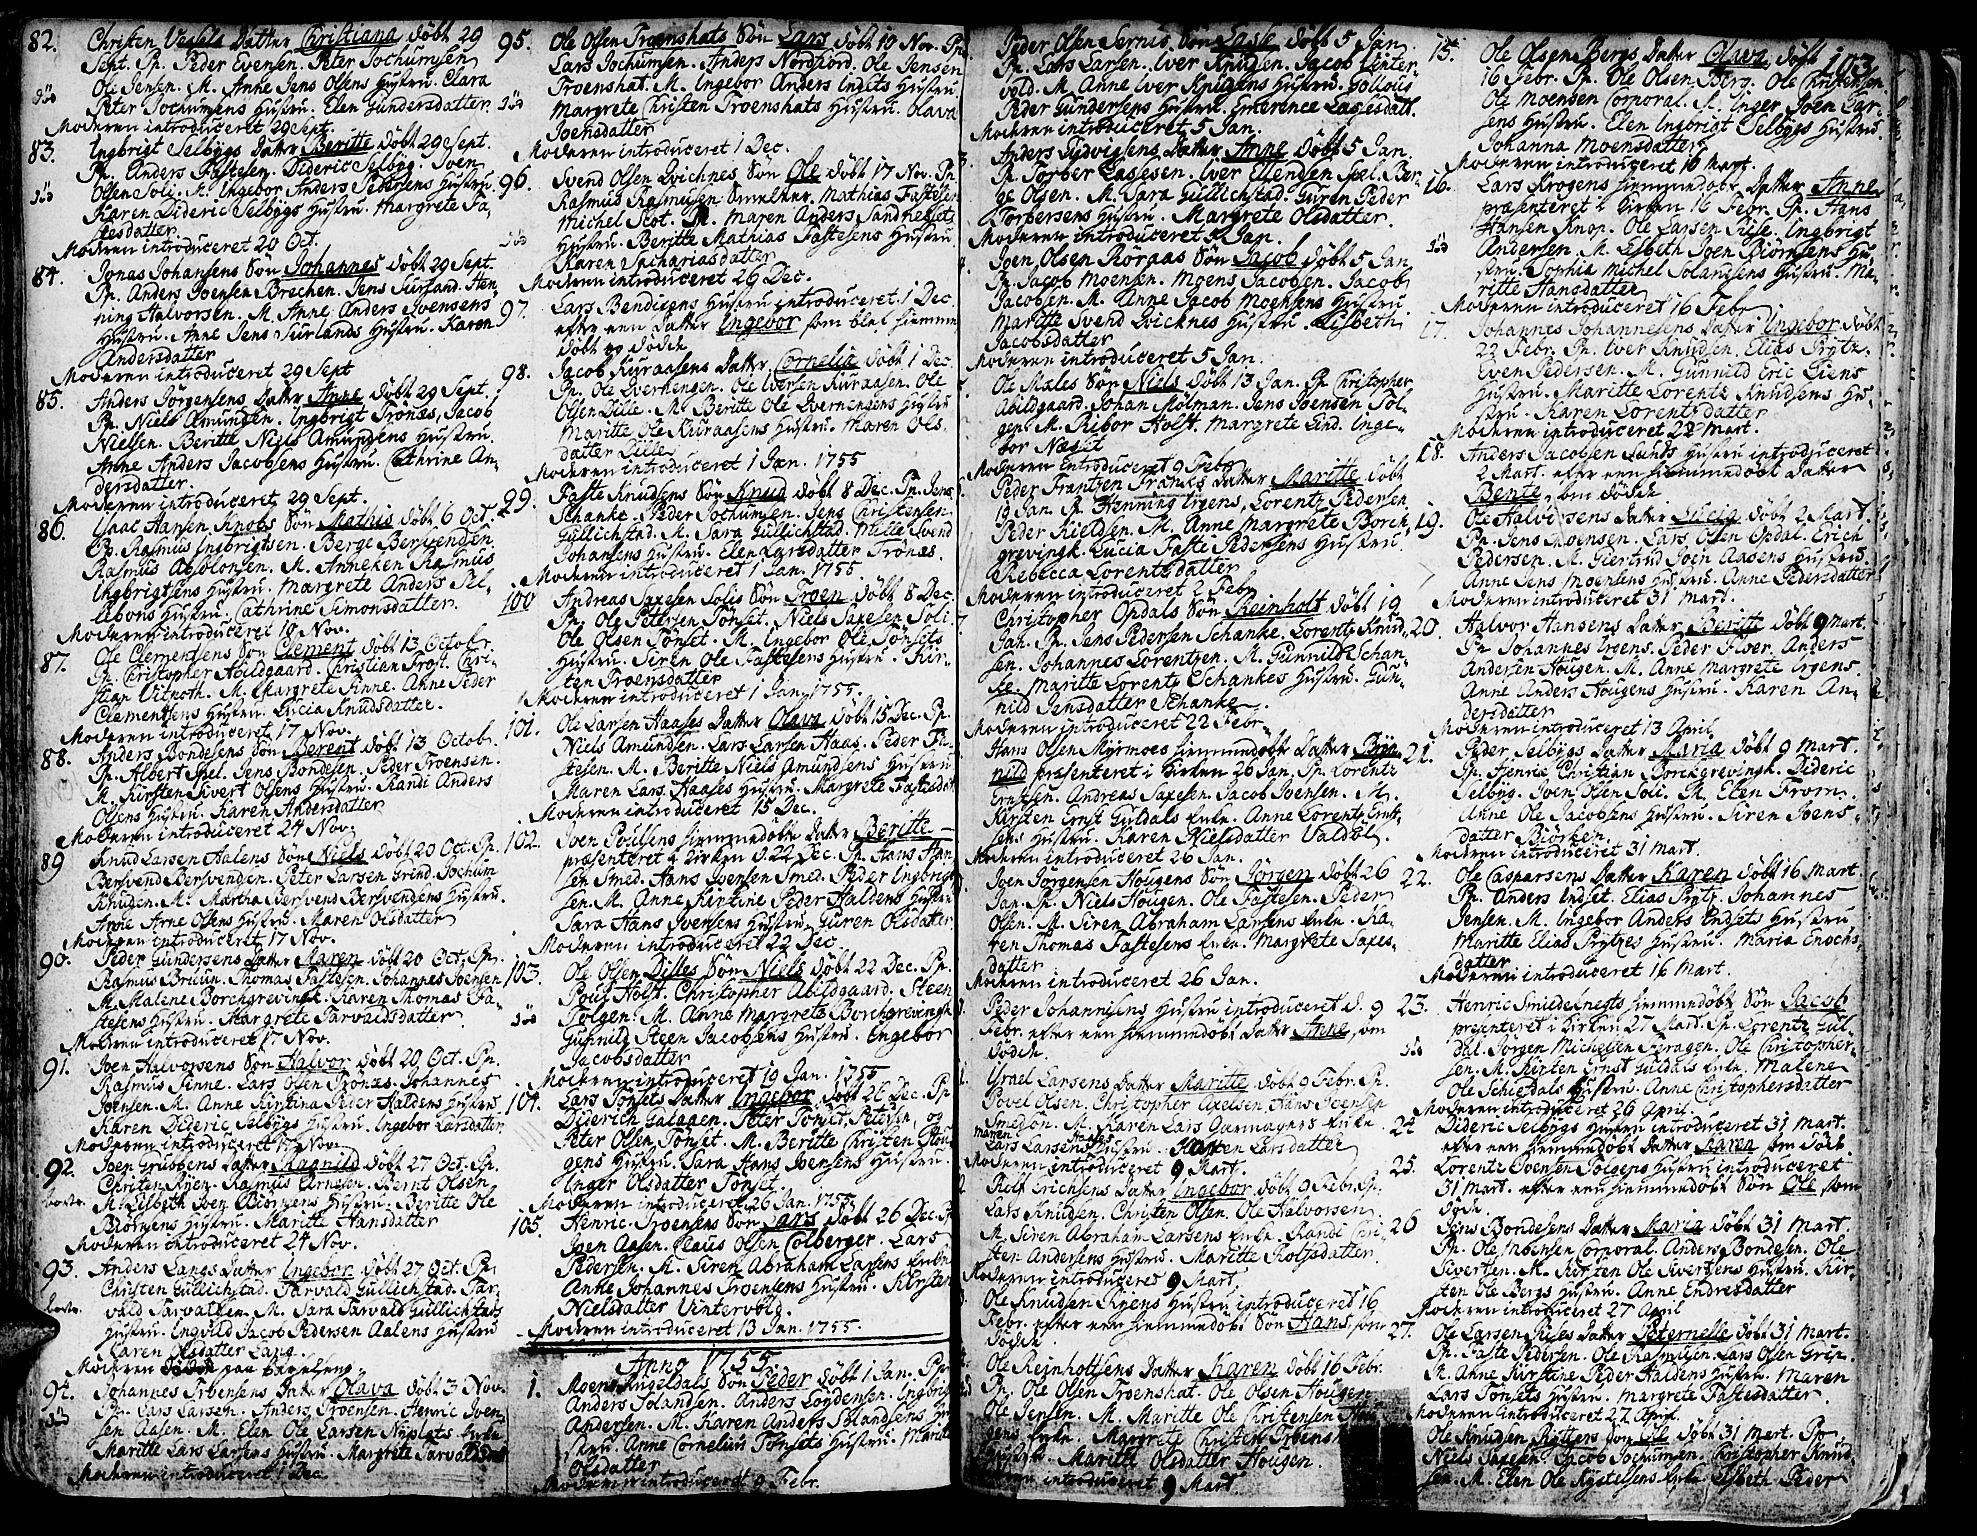 SAT, Ministerialprotokoller, klokkerbøker og fødselsregistre - Sør-Trøndelag, 681/L0925: Ministerialbok nr. 681A03, 1727-1766, s. 103